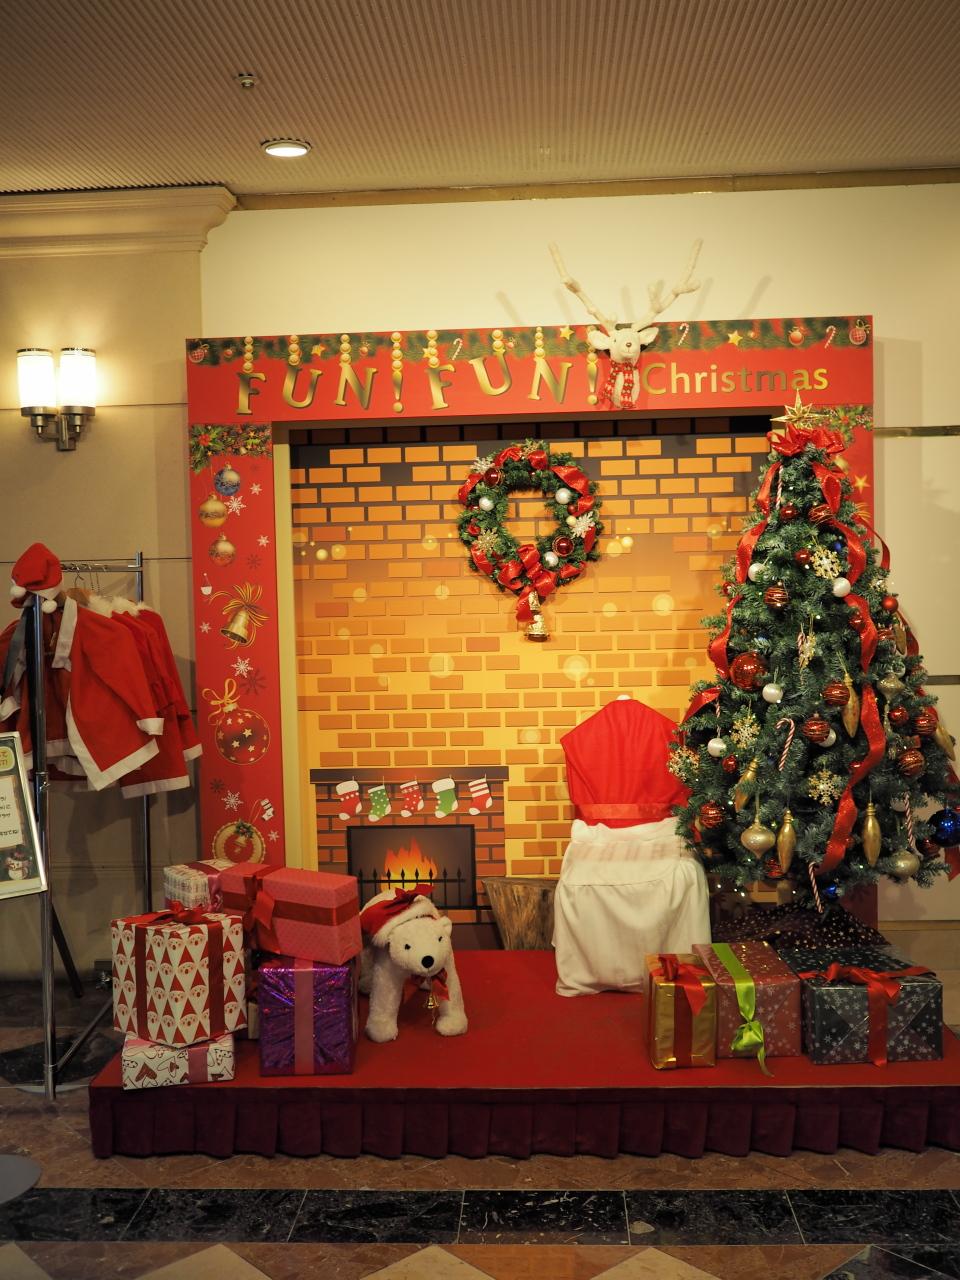 tdrオフィシャルホテルのクリスマスデコレーションなど - 海と絵と